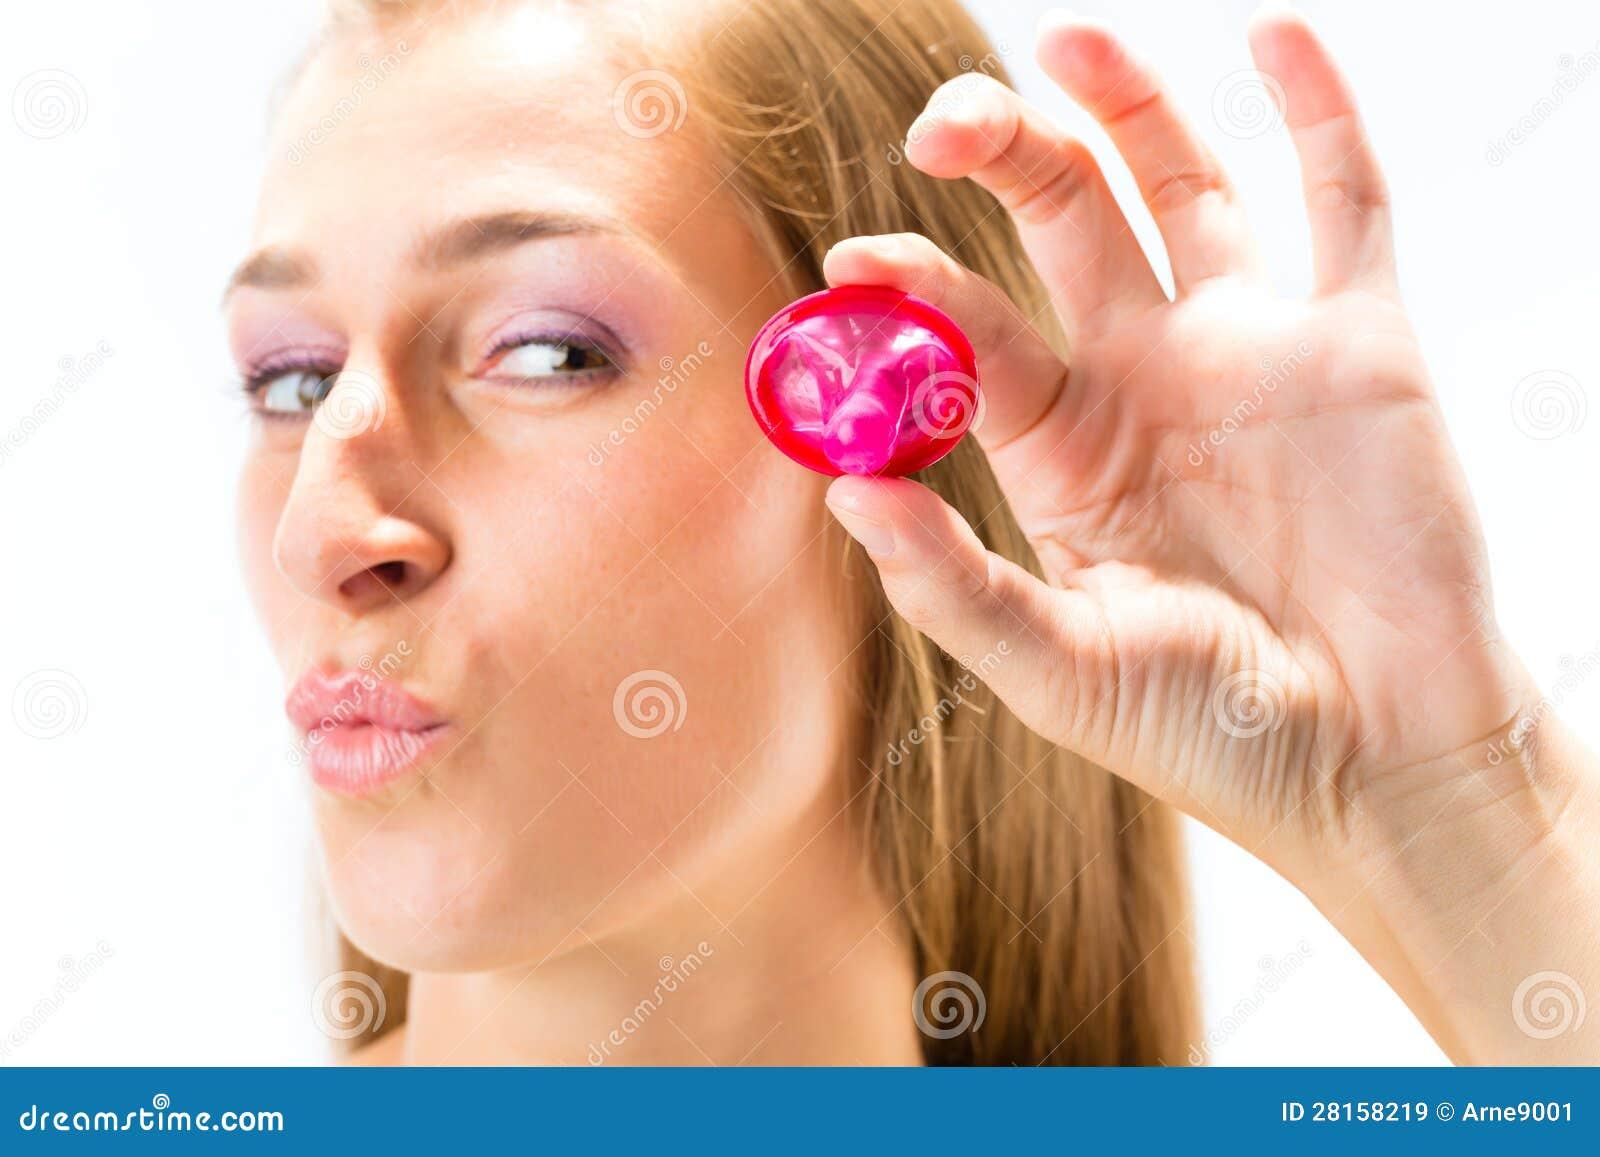 Фото презерватив в попе, Член в презервативе (25 фото) 23 фотография